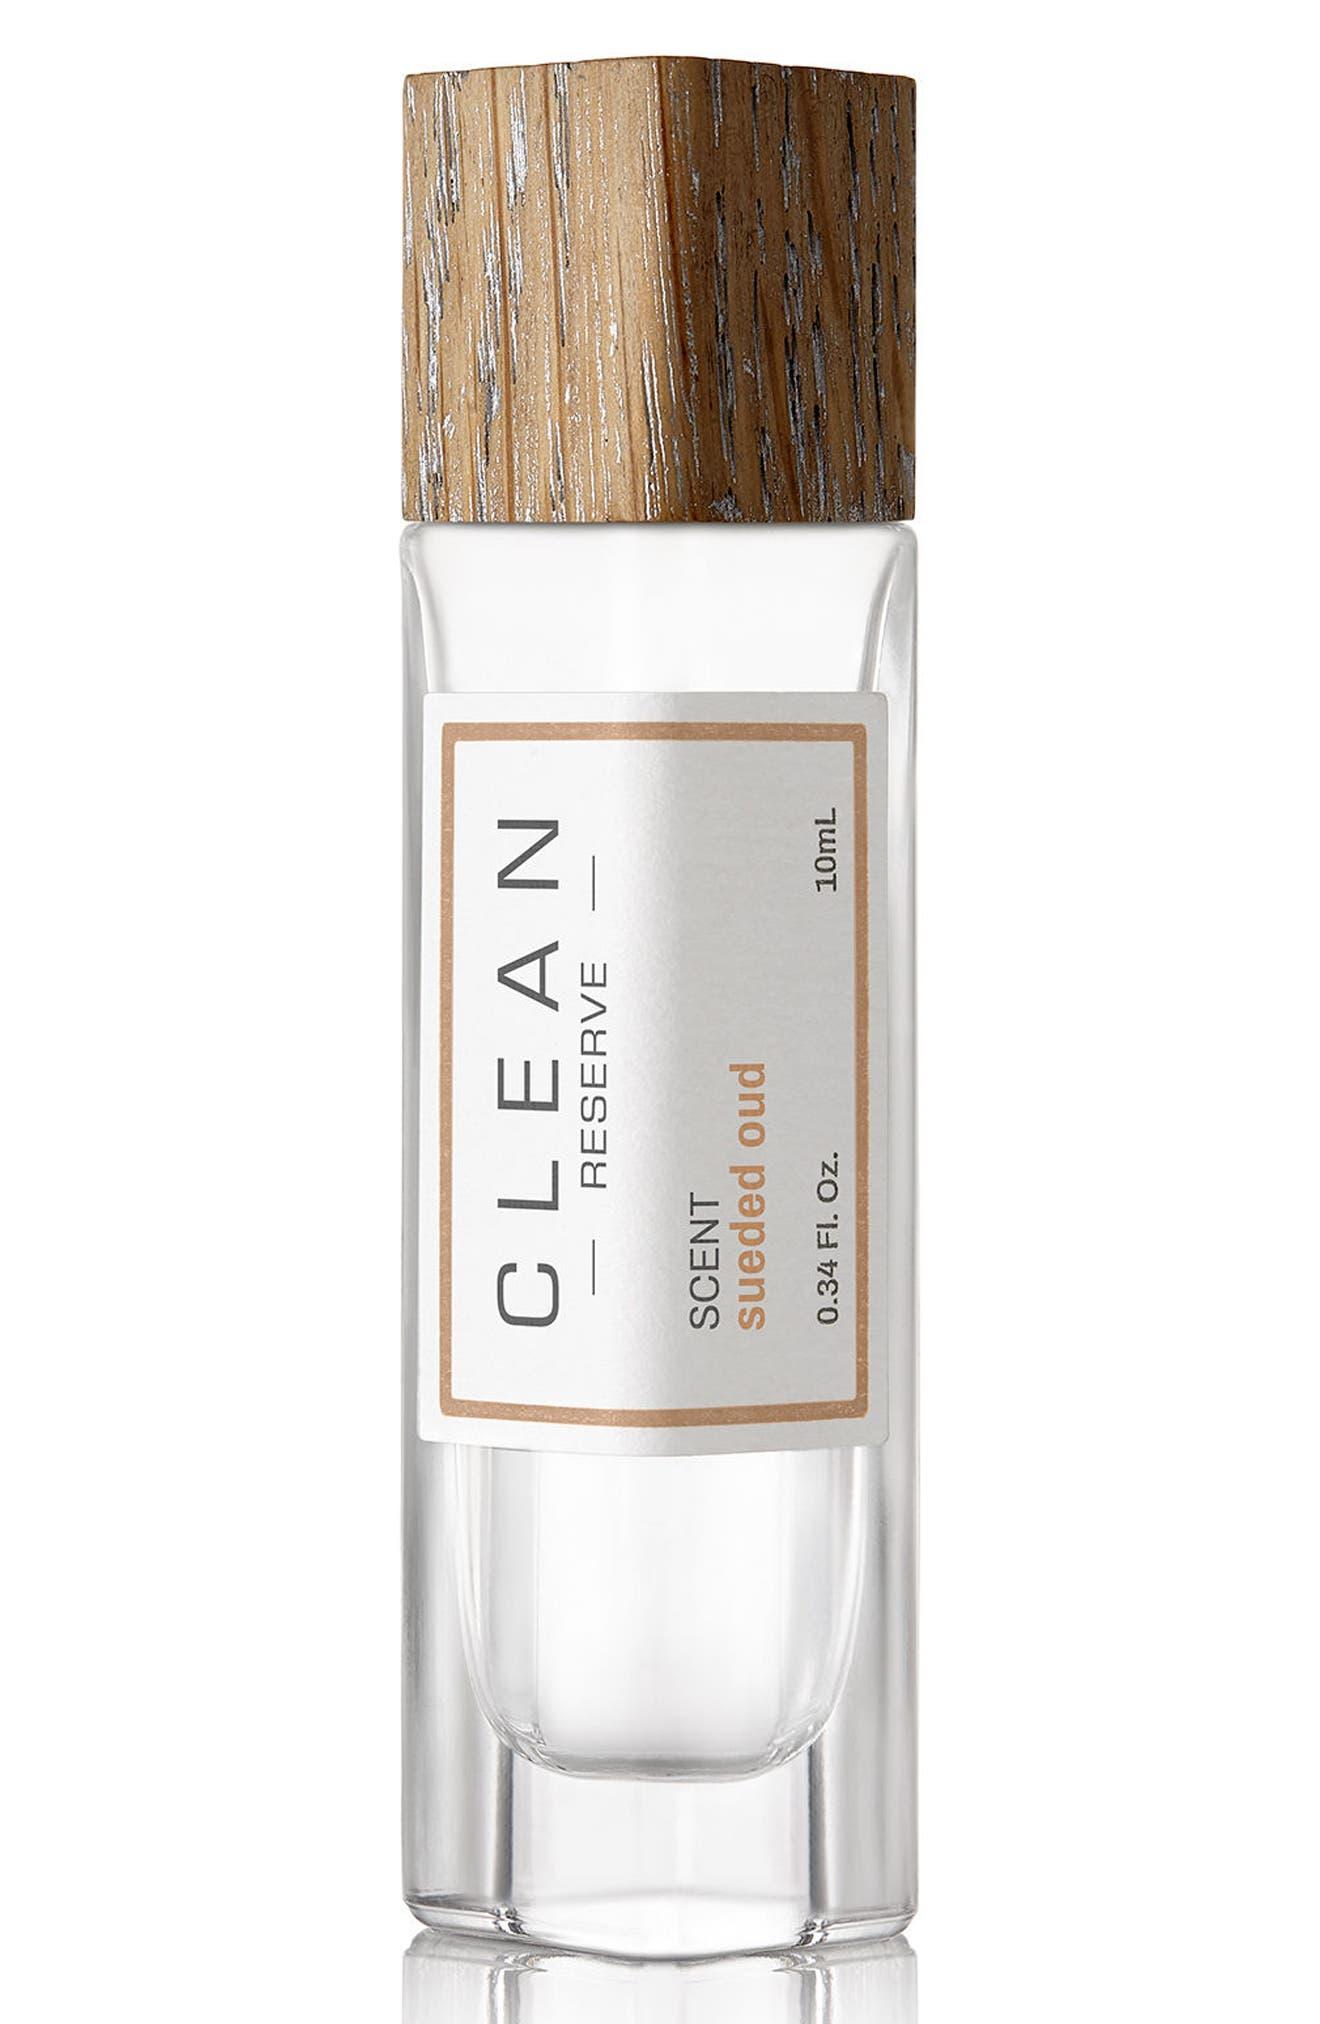 Sueded Oud Eau de Parfum Pen Spray,                             Main thumbnail 1, color,                             NO COLOR